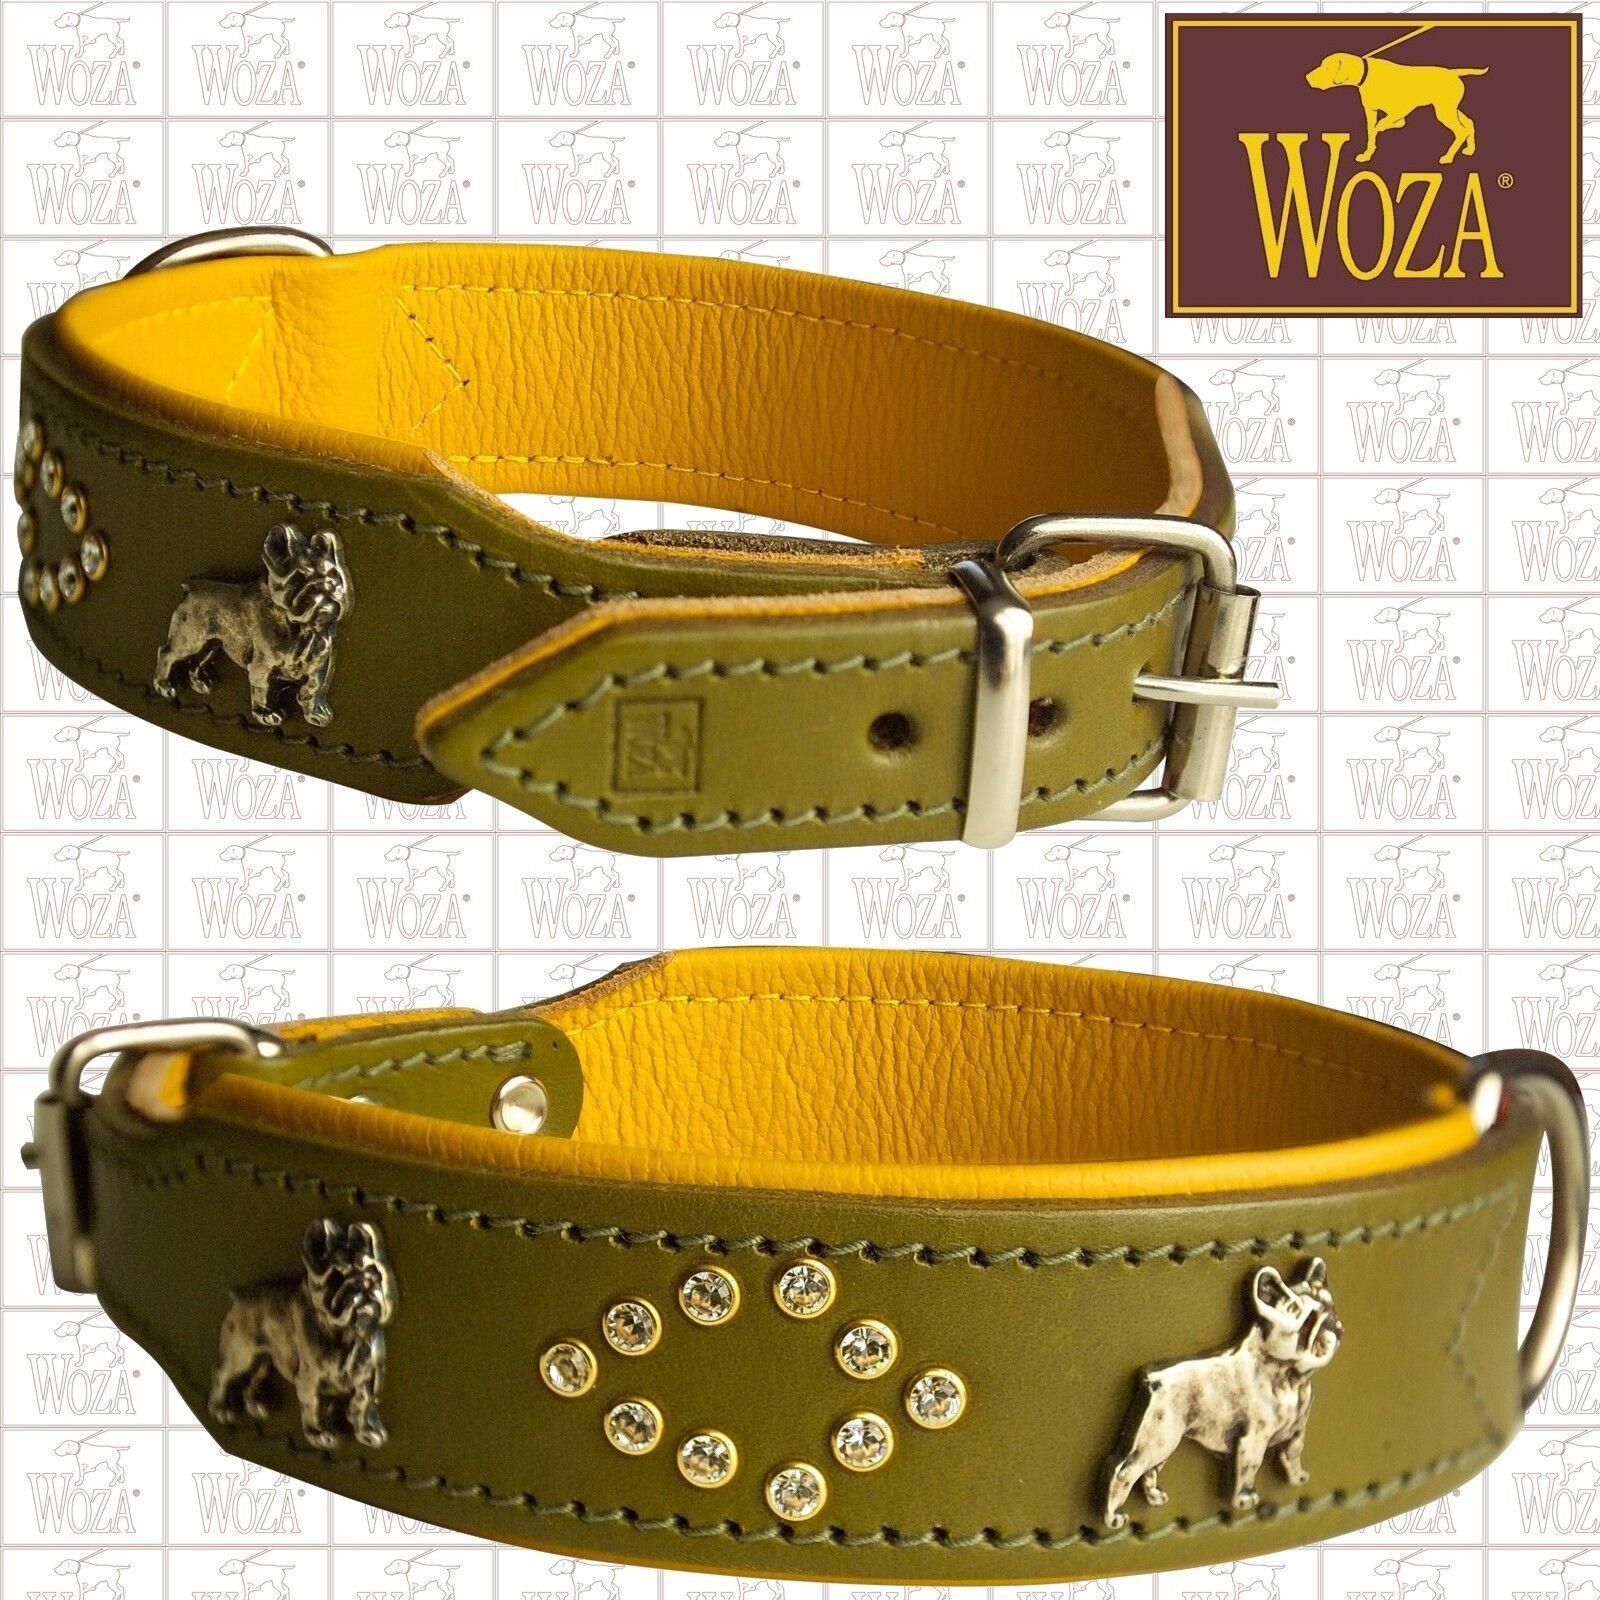 Premium Premium Premium Hundehalsband Französische Bulldogge WOZA Lederhalsband Vollleder CO4966 e66fc0